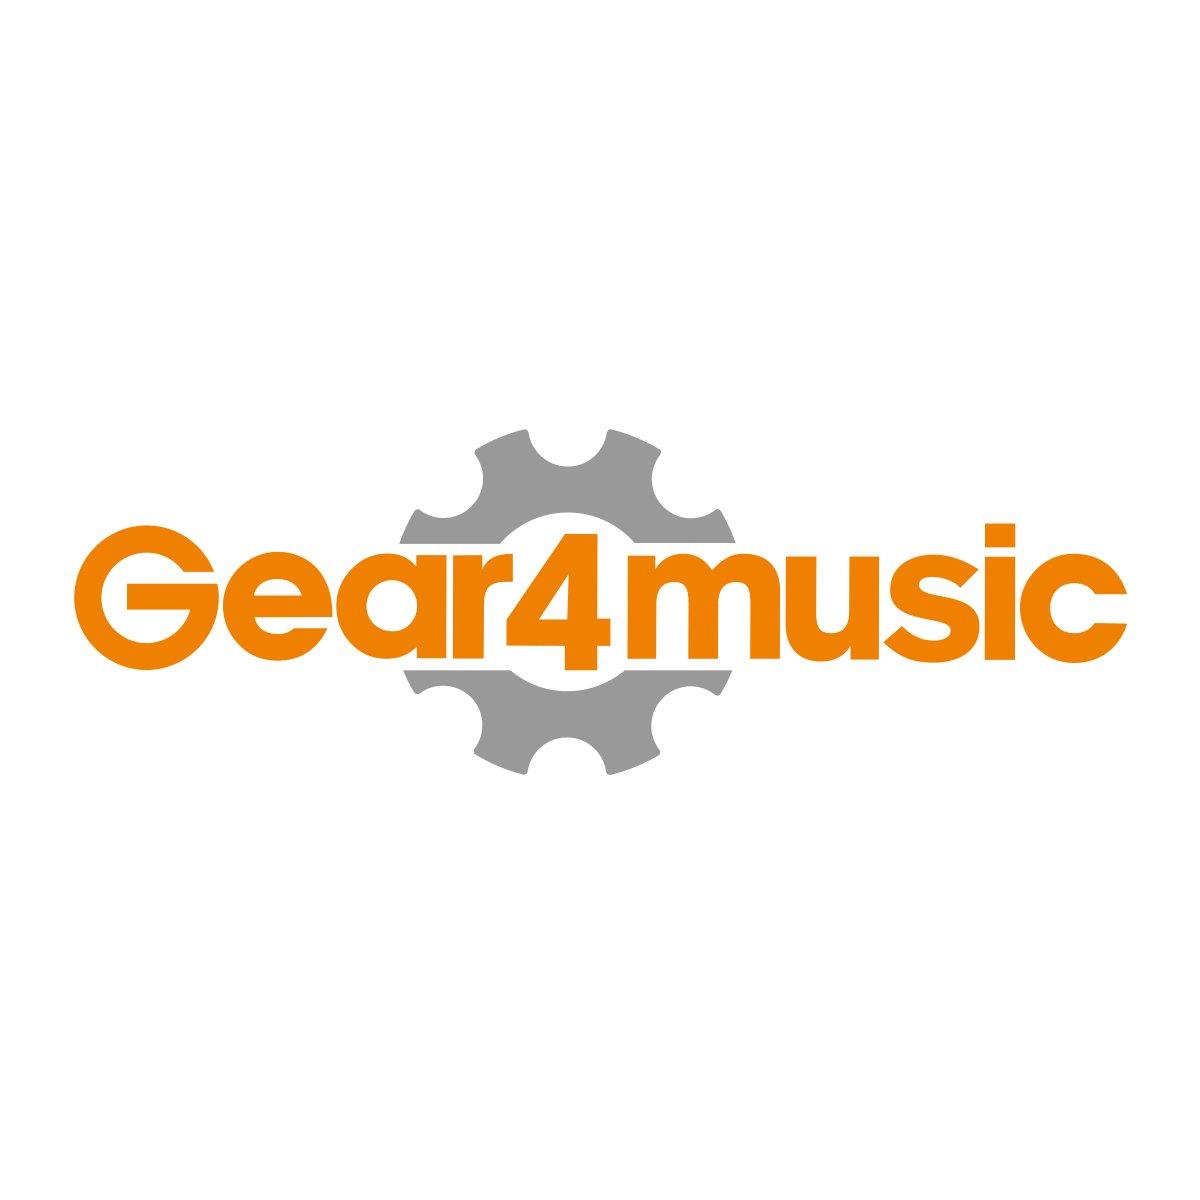 New Jersey vlevo podal elektrická kytara od Gear4music, černá